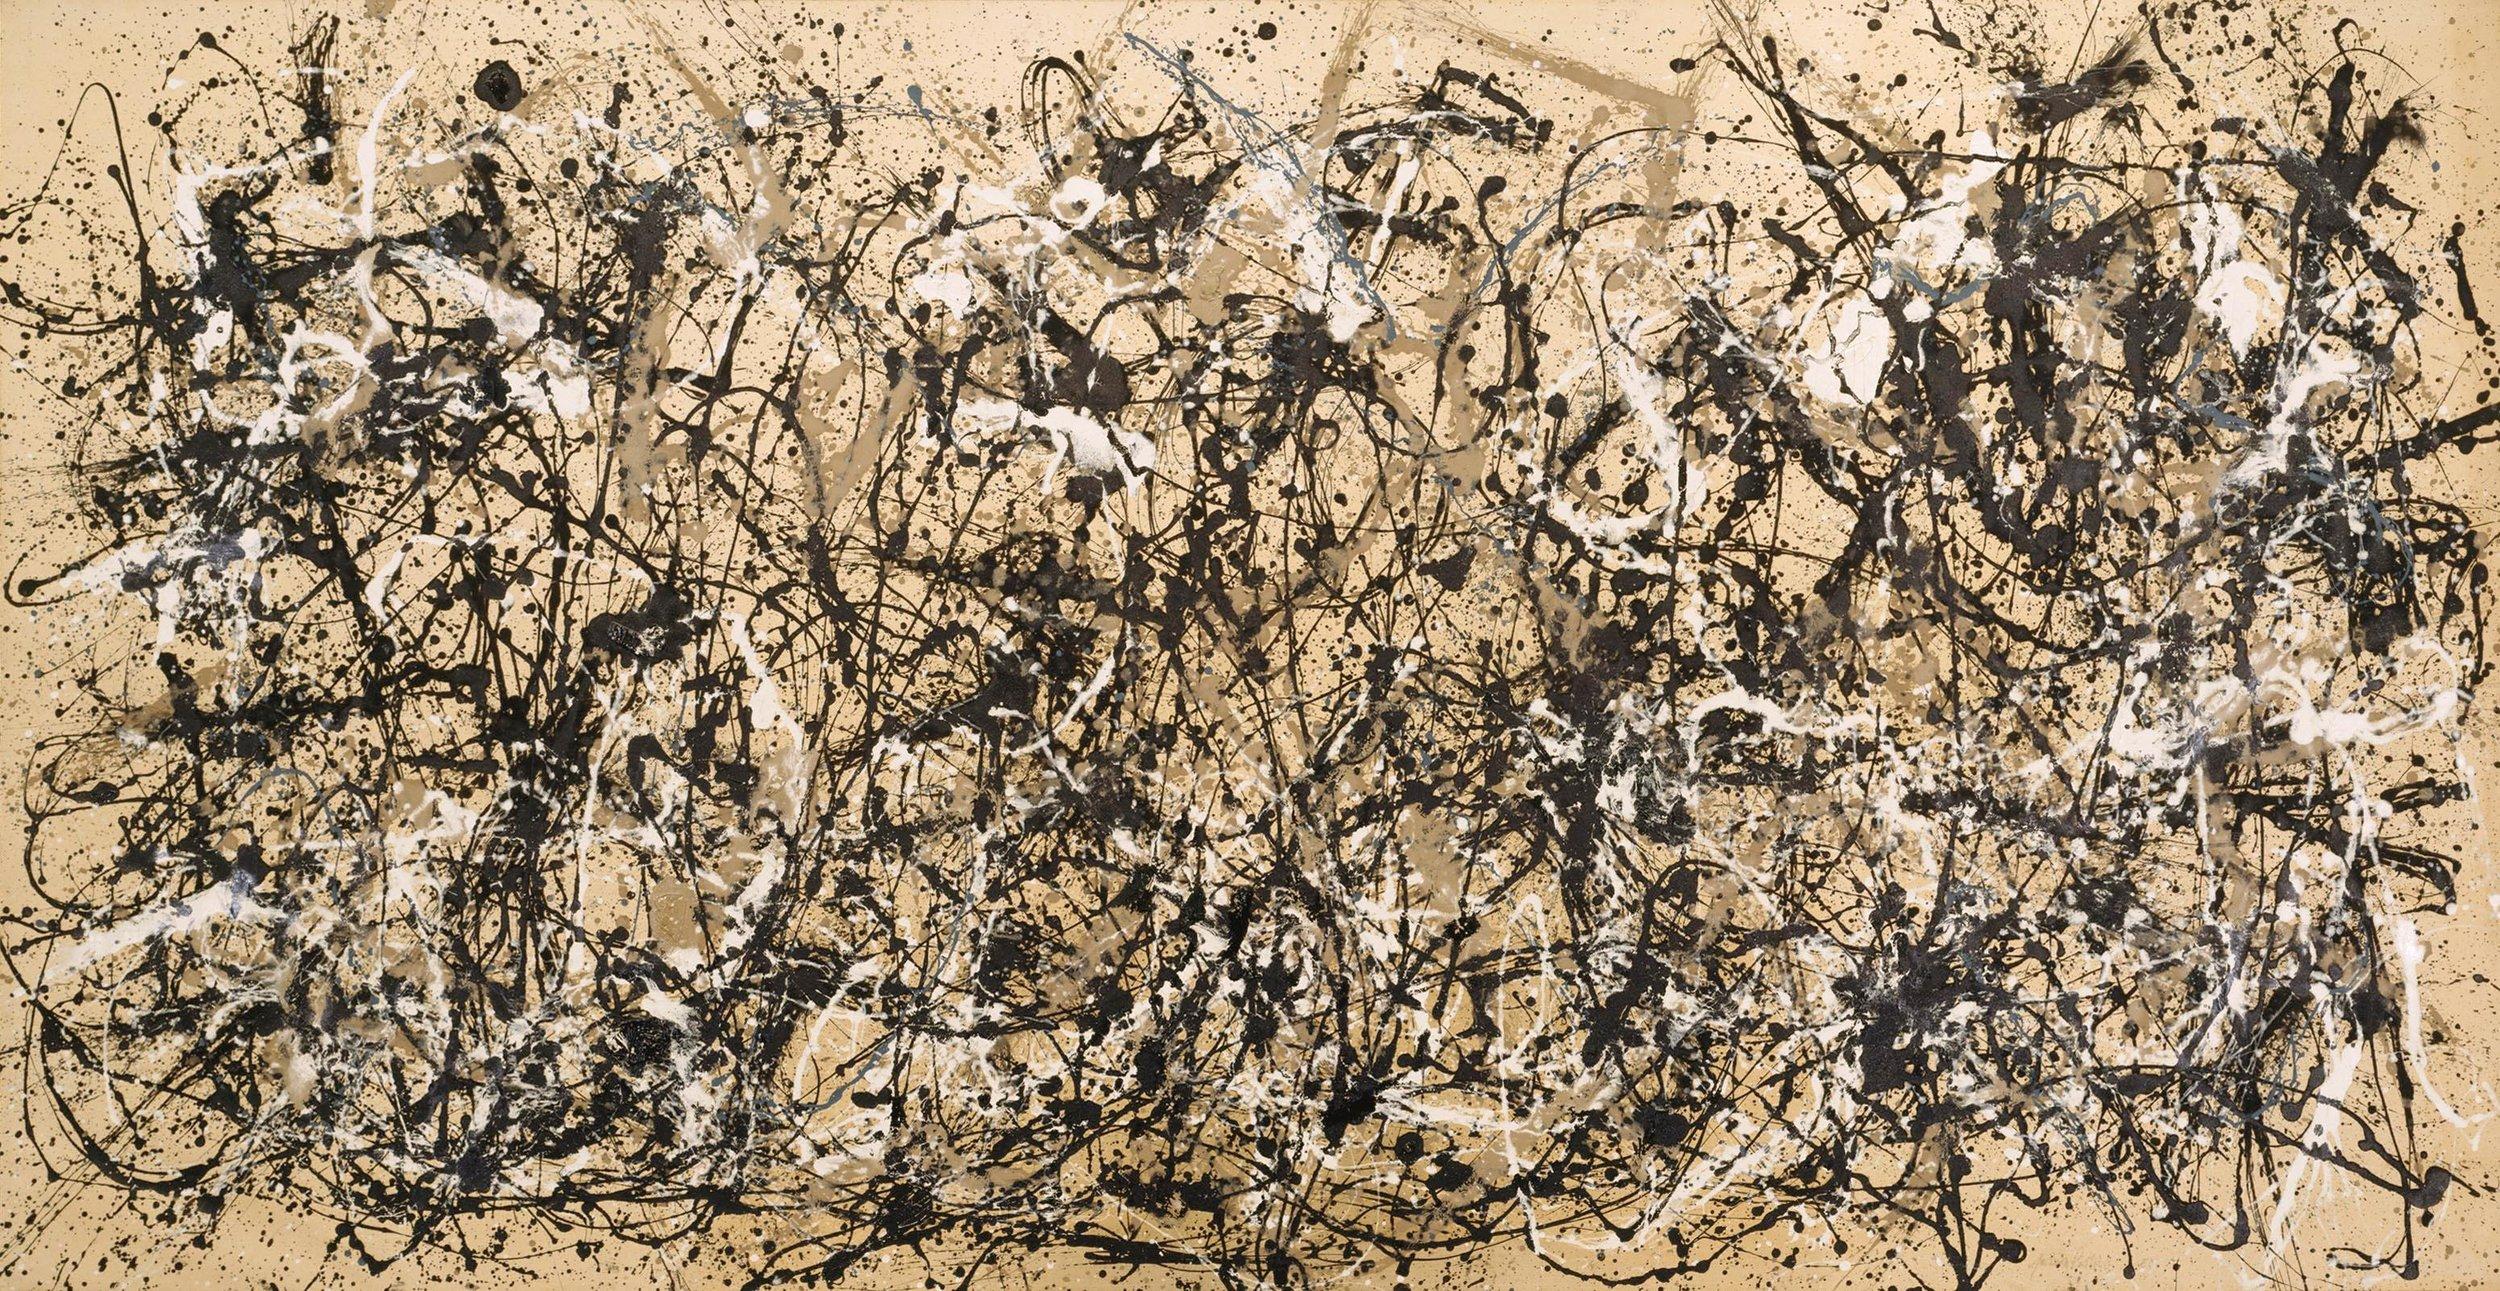 Autumn Rhythm (Number 30) by Jackson Pollock, 1950.